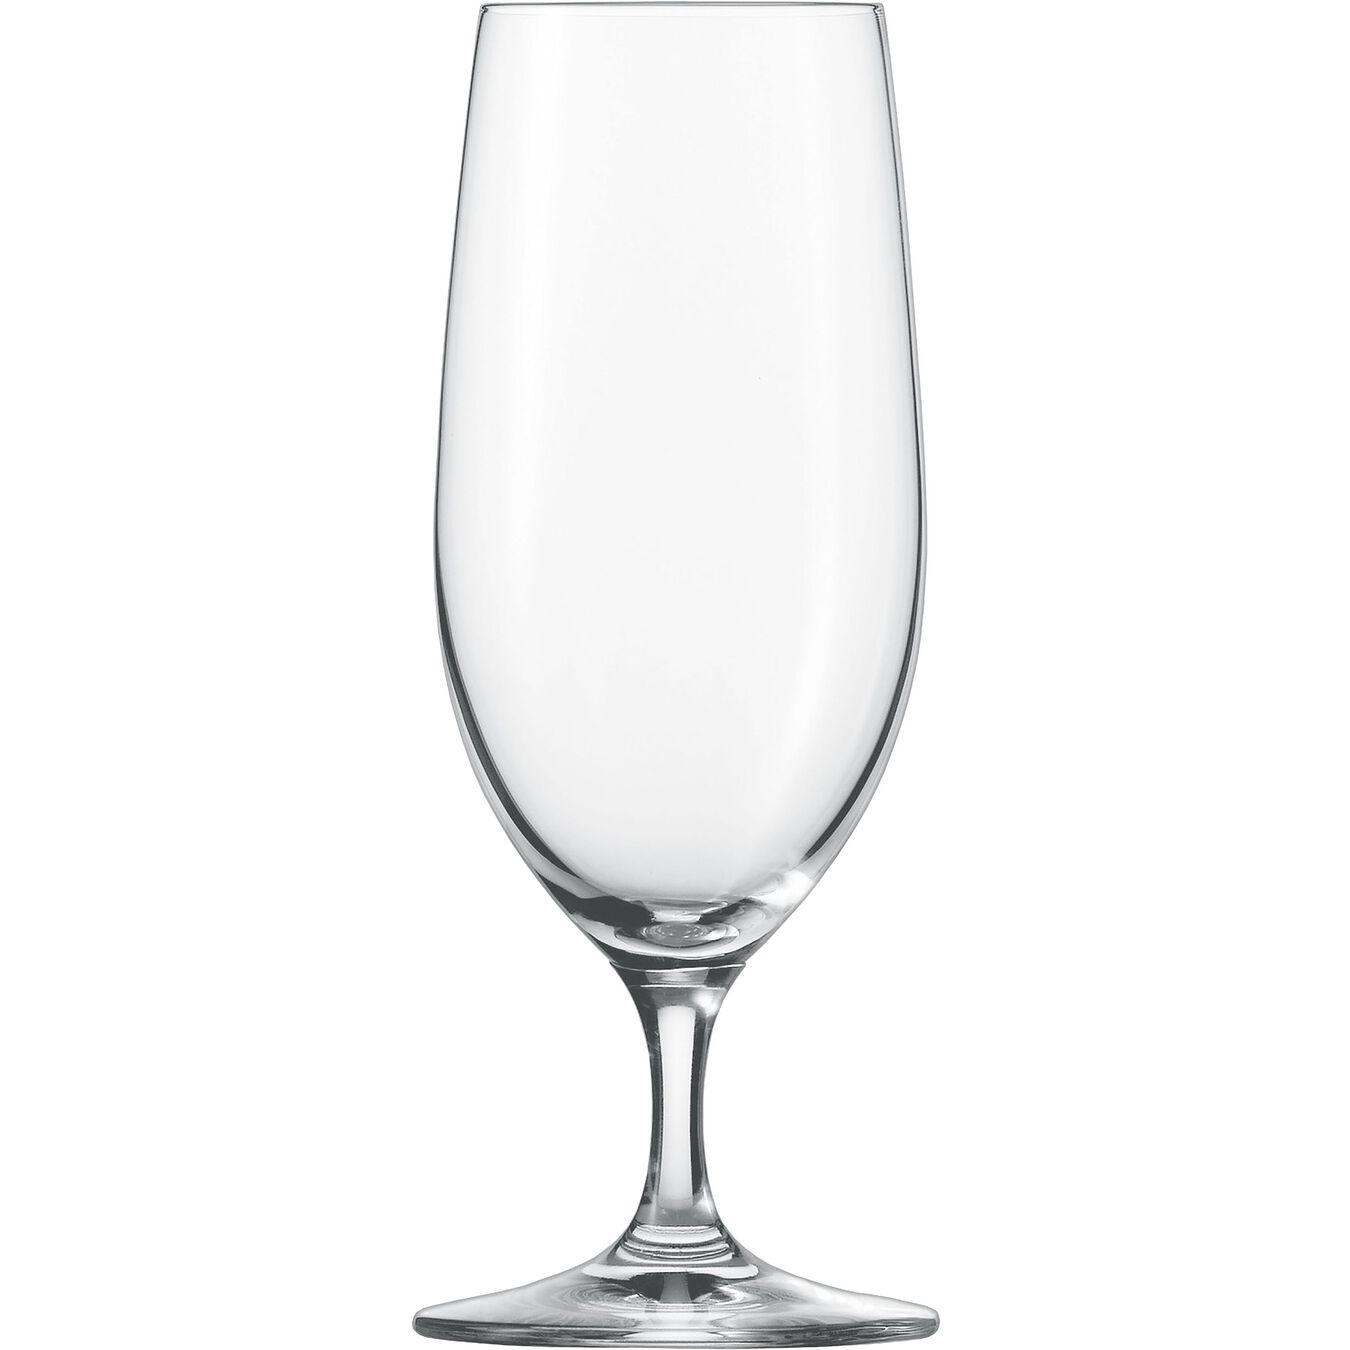 Bira Bardağı Seti | 1-parça,,large 1